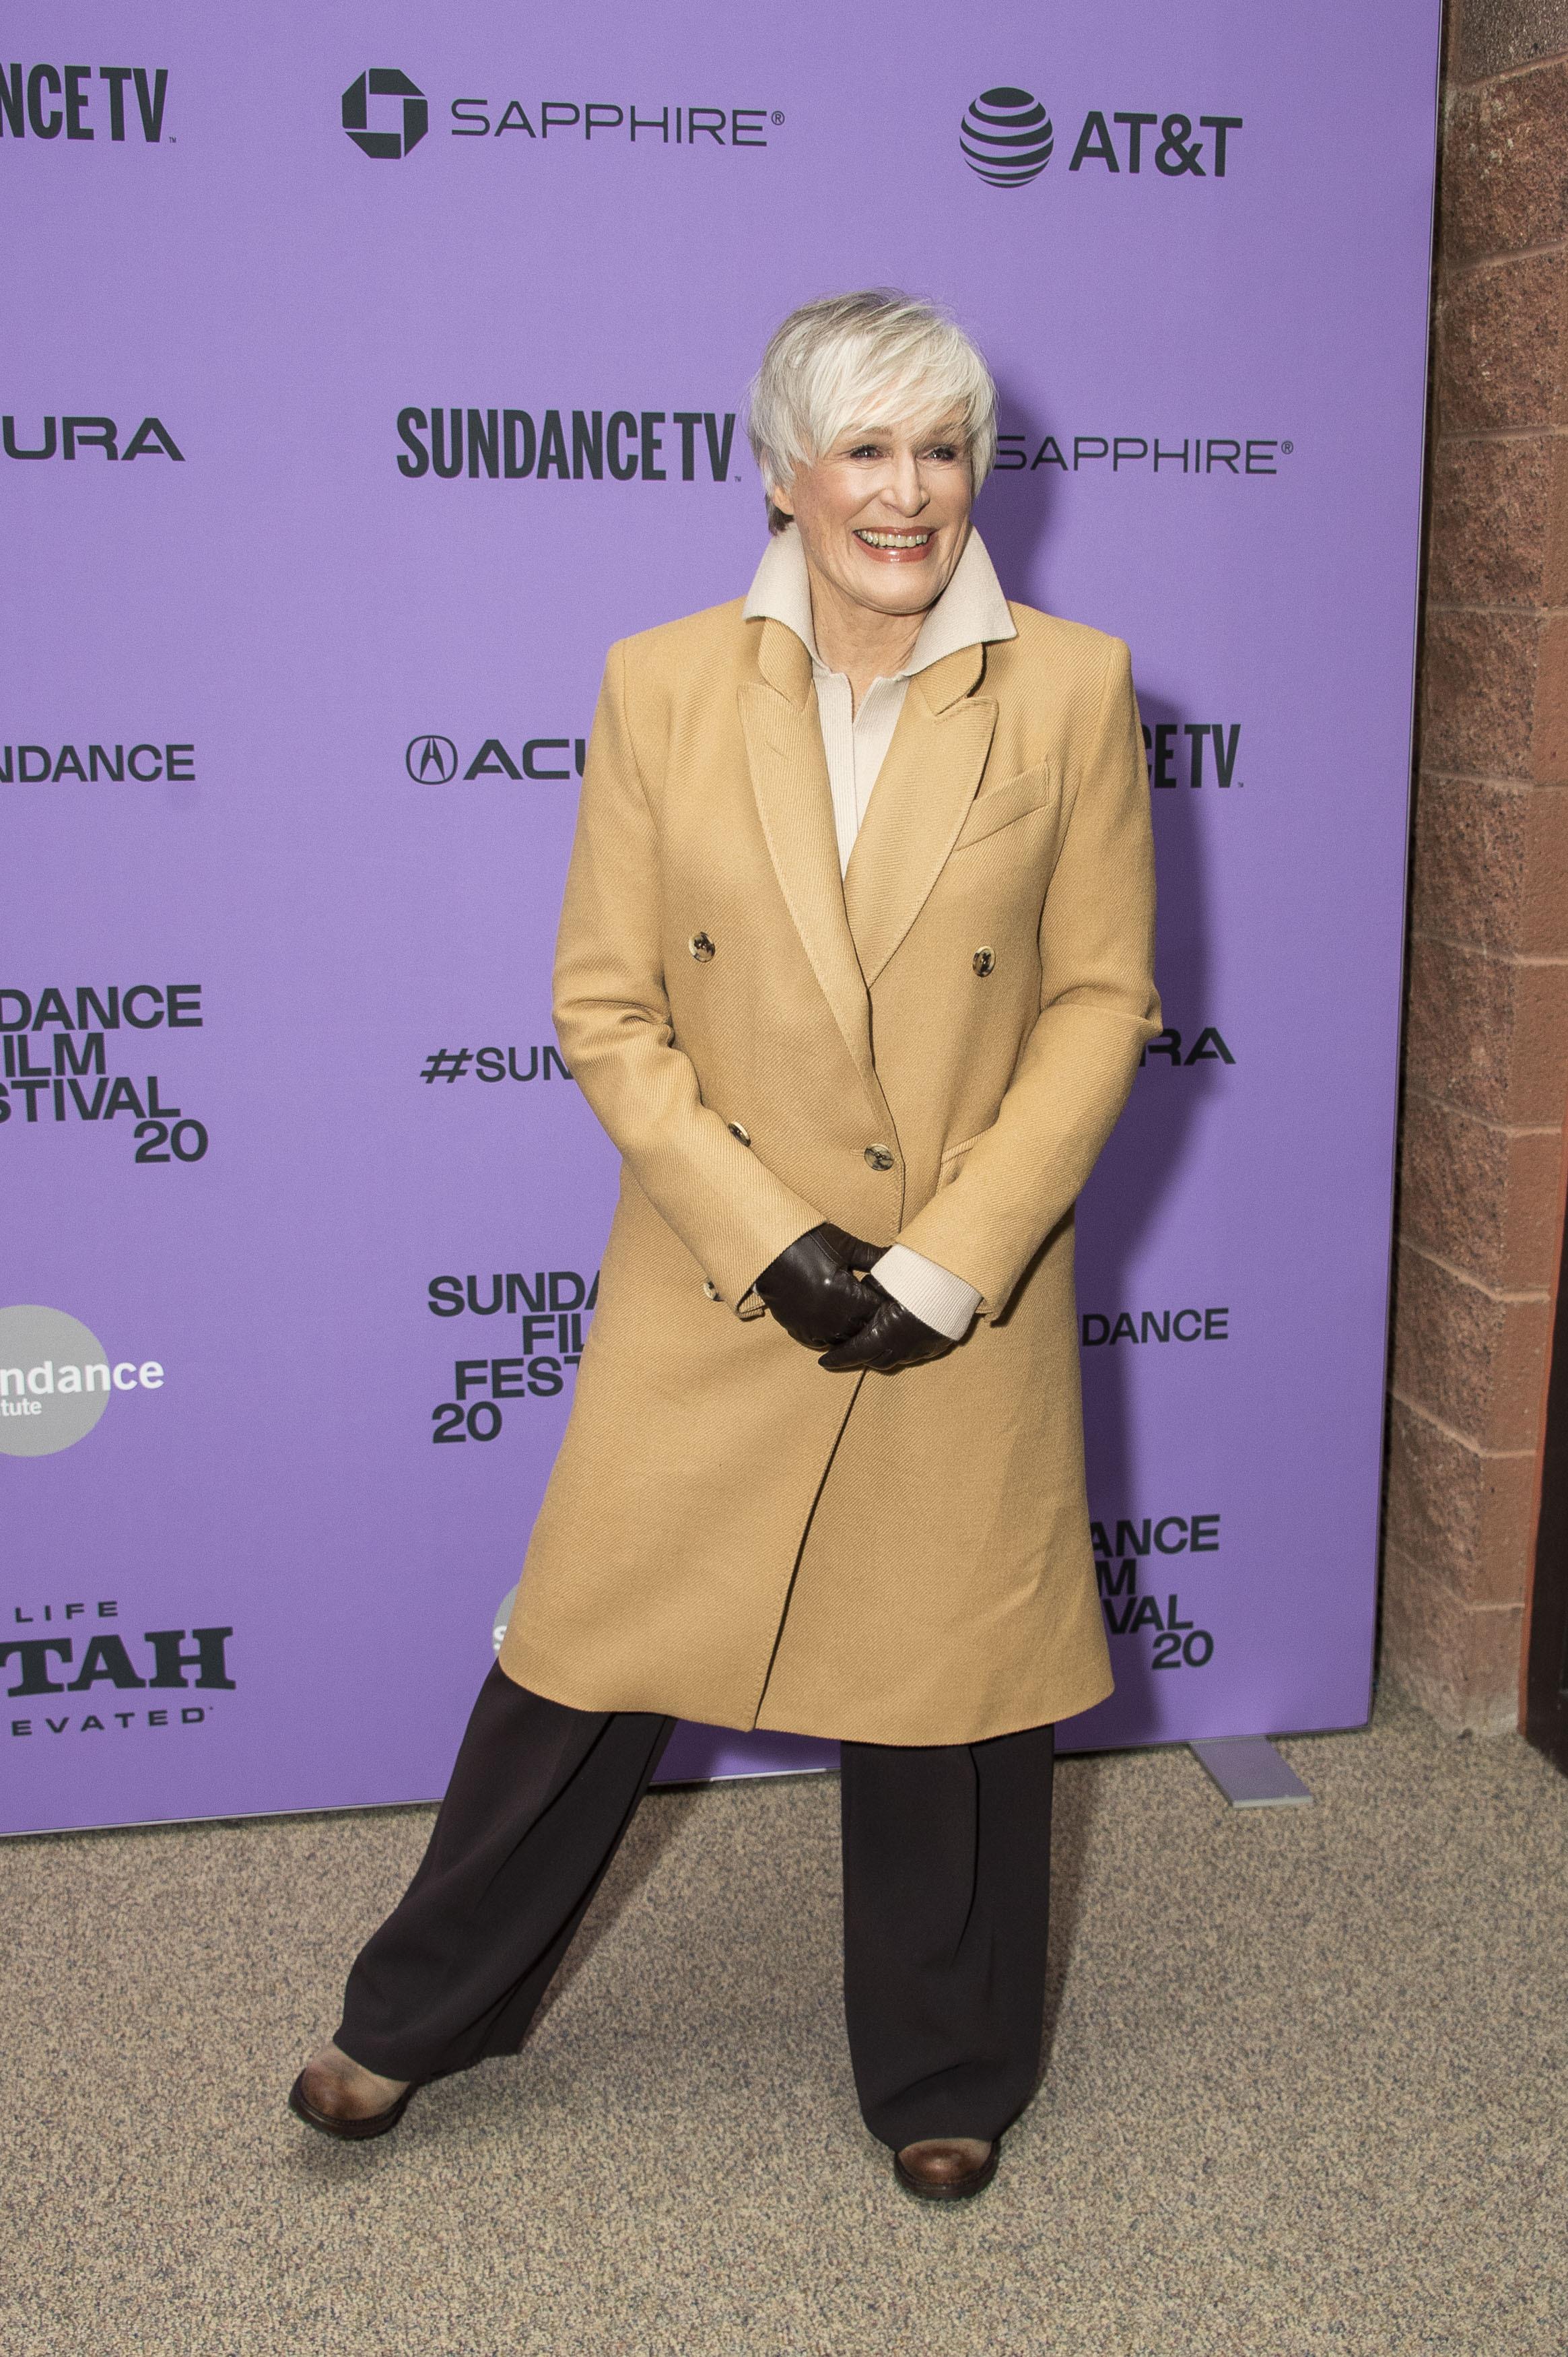 La actriz Glenn Close es una de las celebridades del mundo del espectáculo que ha agradado a sus seguidores con la decisión de llevar el cabello canoso. (Archivo)